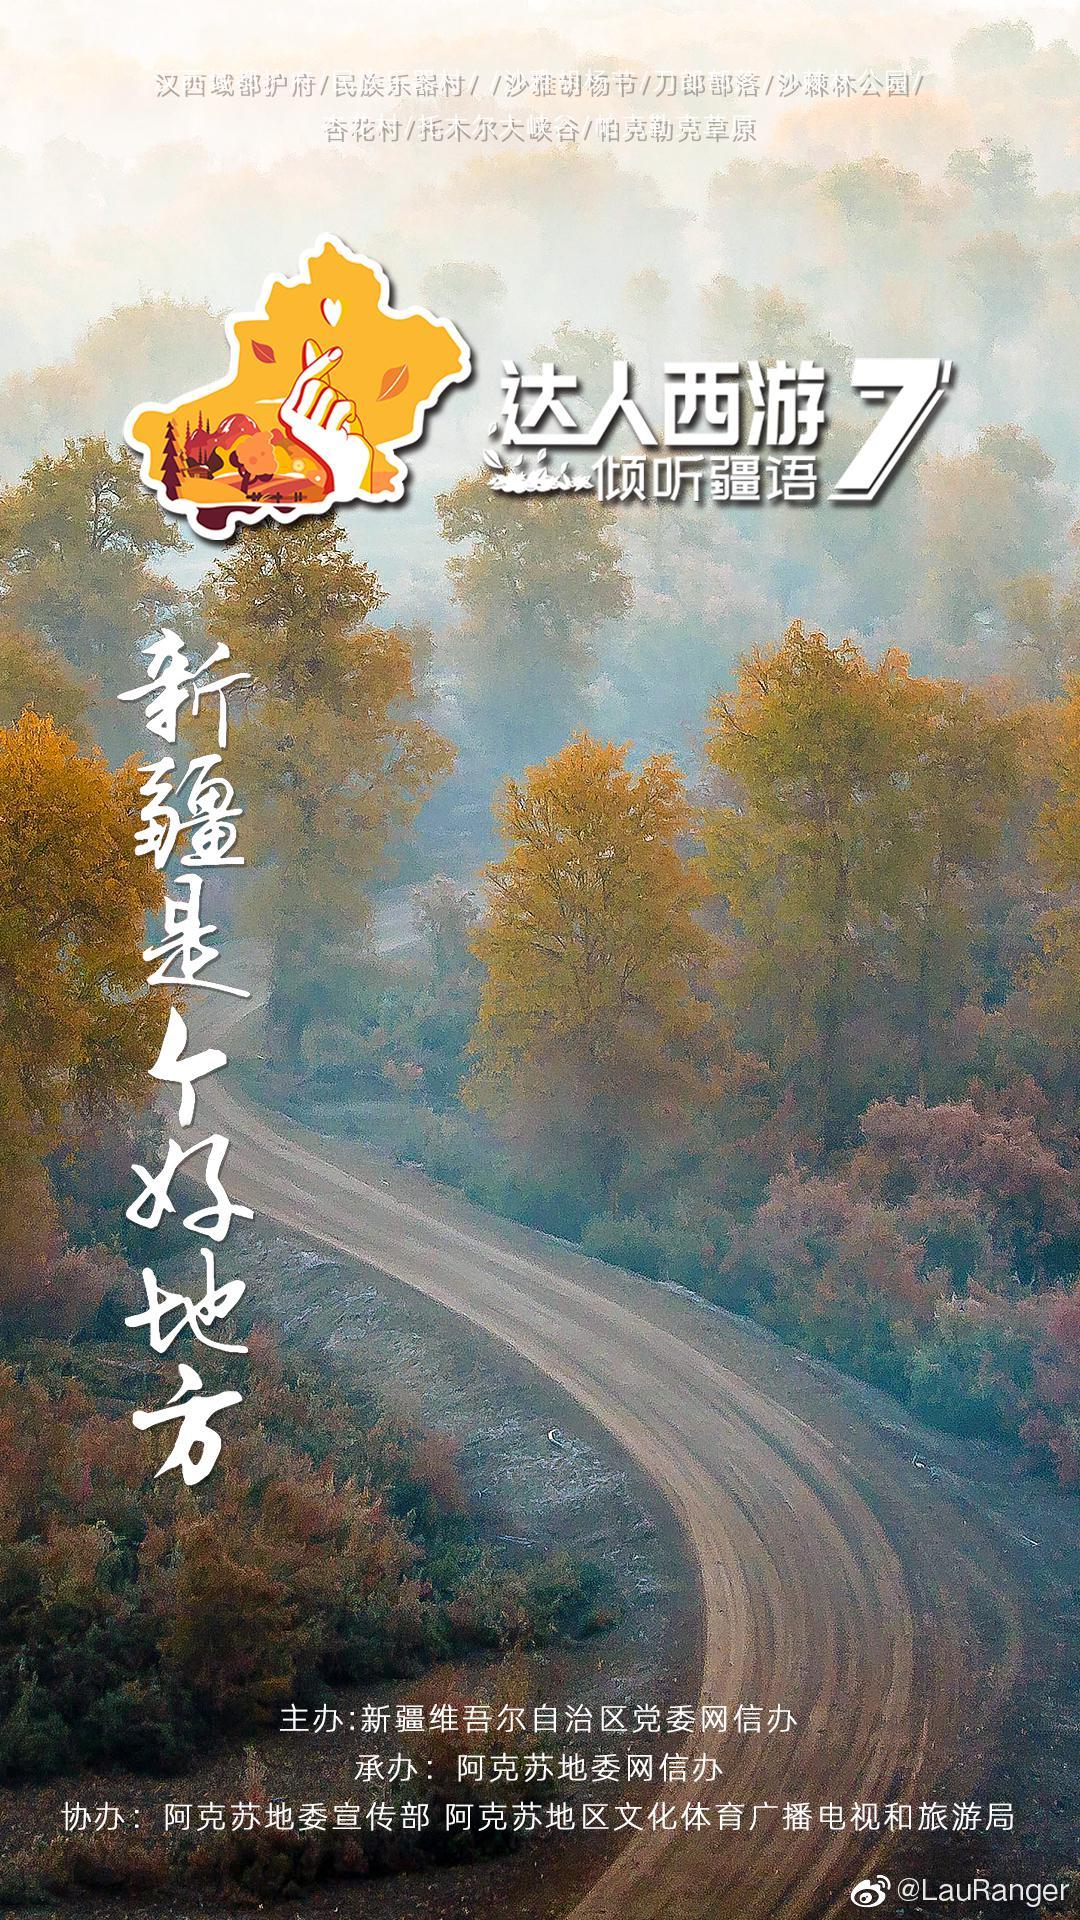 """第七季- 由新疆维吾尔自治区党委网信办主办、倍受关注的""""达人西游"""